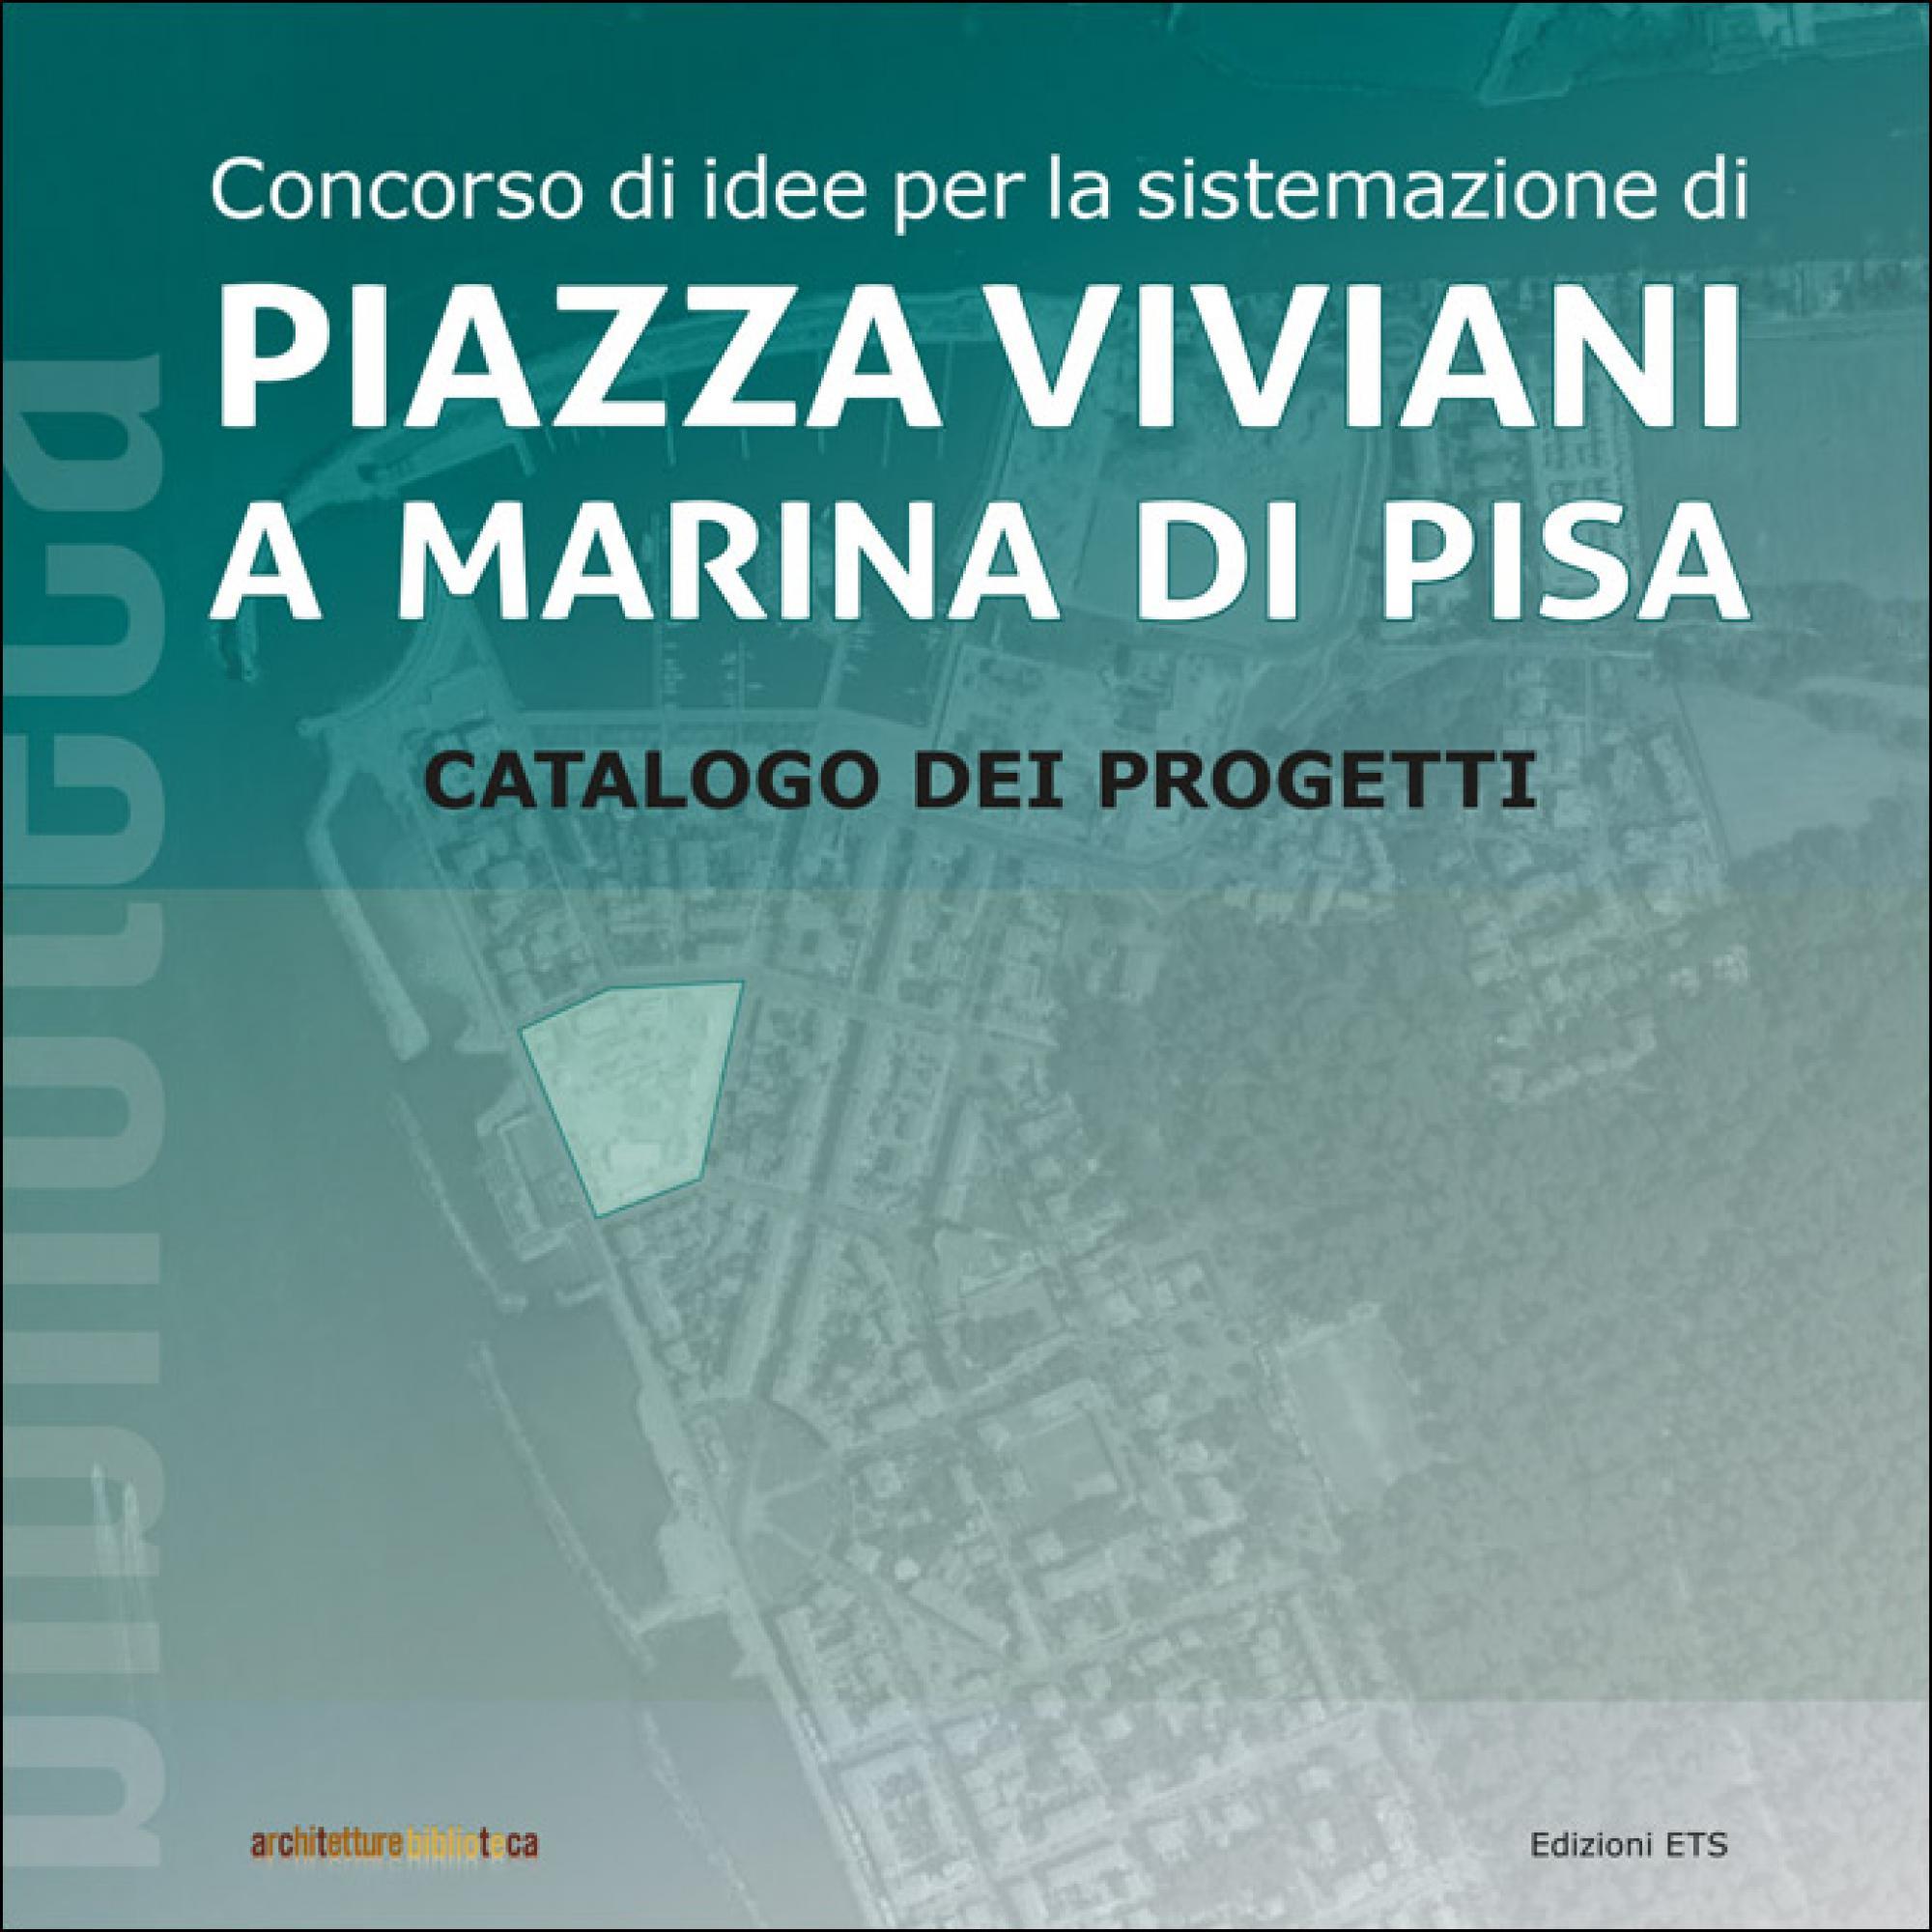 Concorso di idee per la sistemazione di piazza Viviani a Marina di Pisa.Catalogo dei progetti